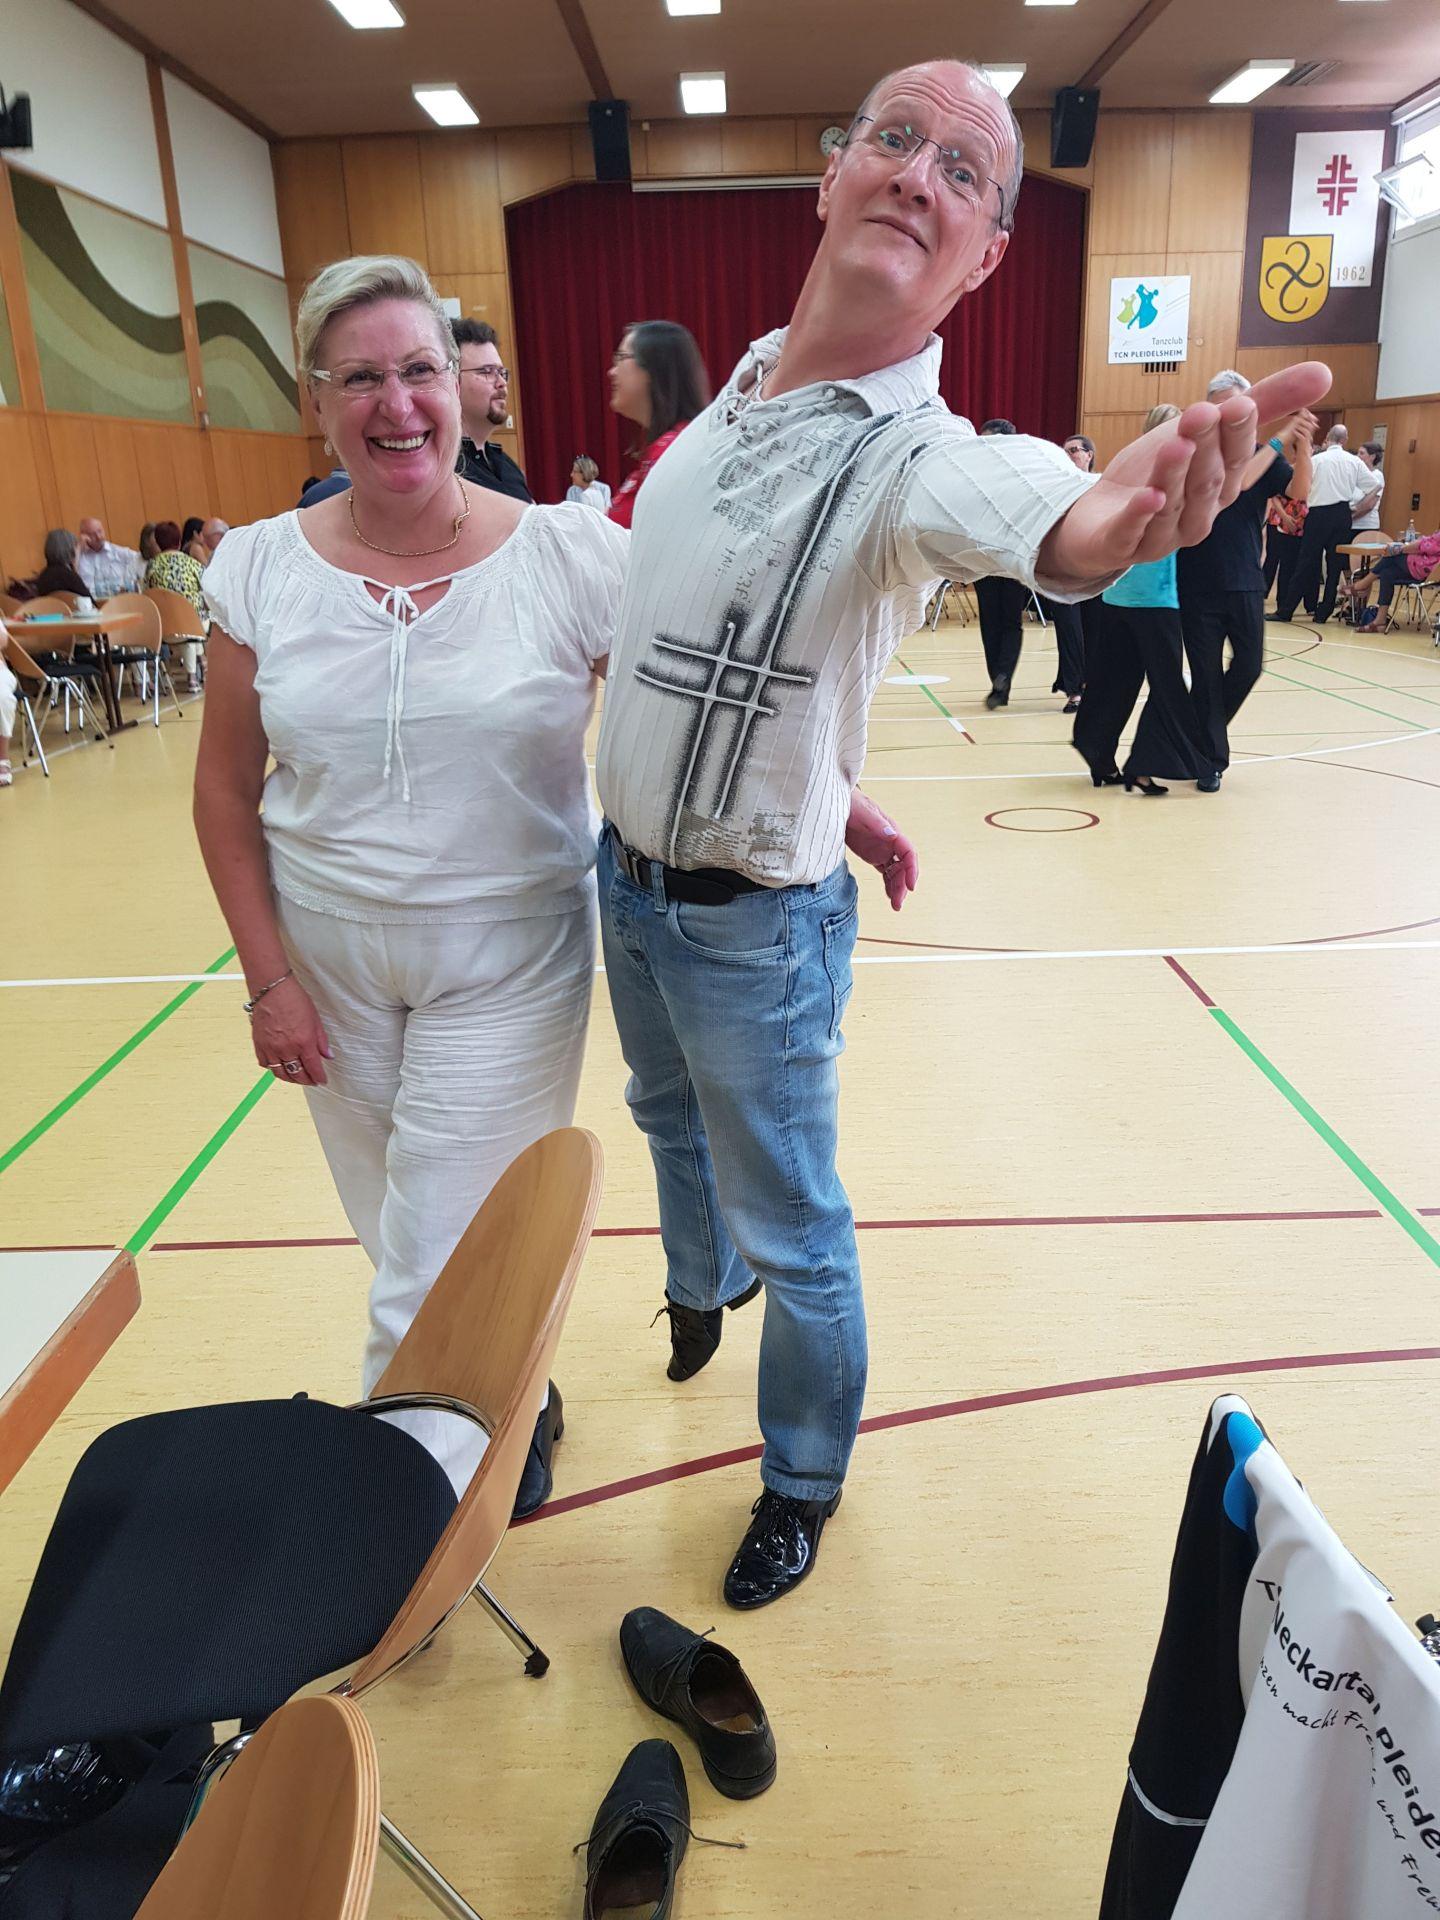 Pleidelsheim_20180616_160837